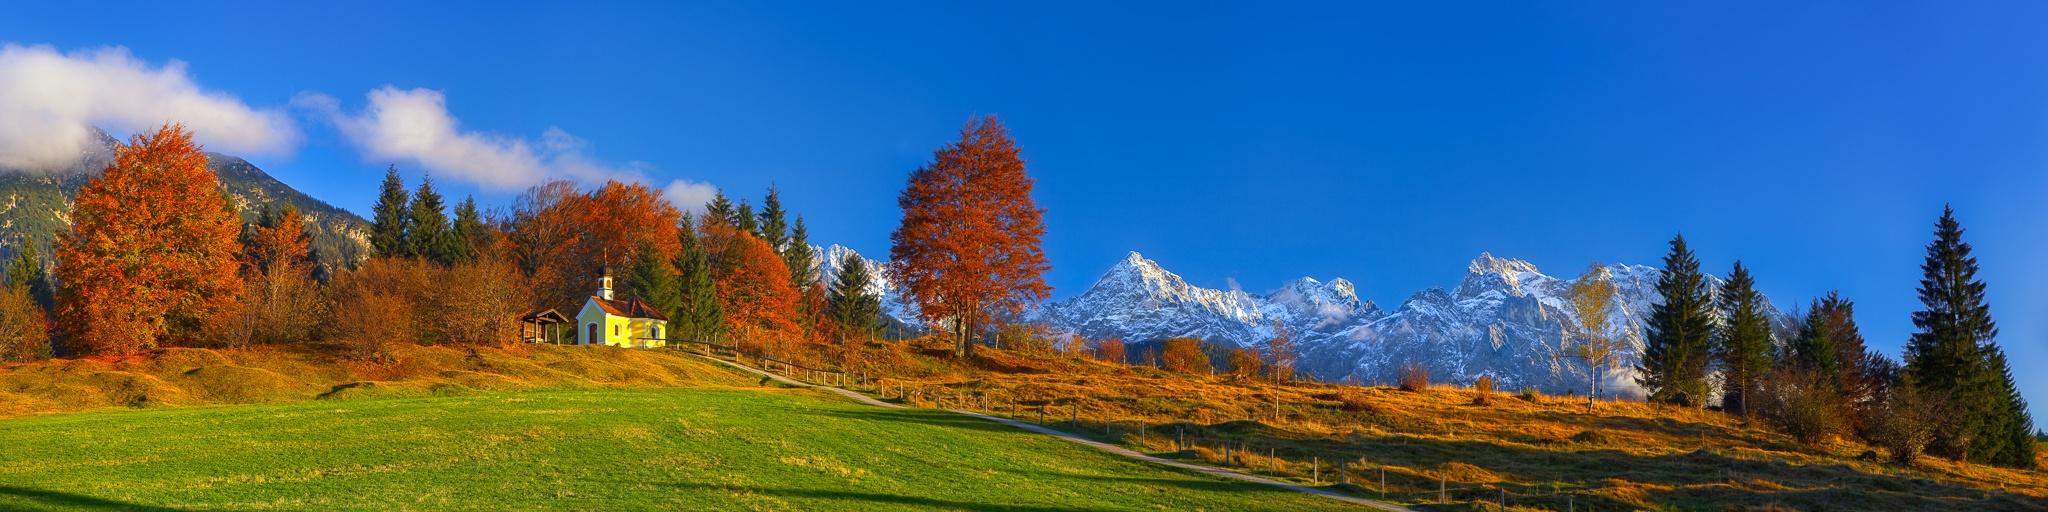 Herbst auf den Buckelwiesen - Kapelle Maria - Rast bei Krün